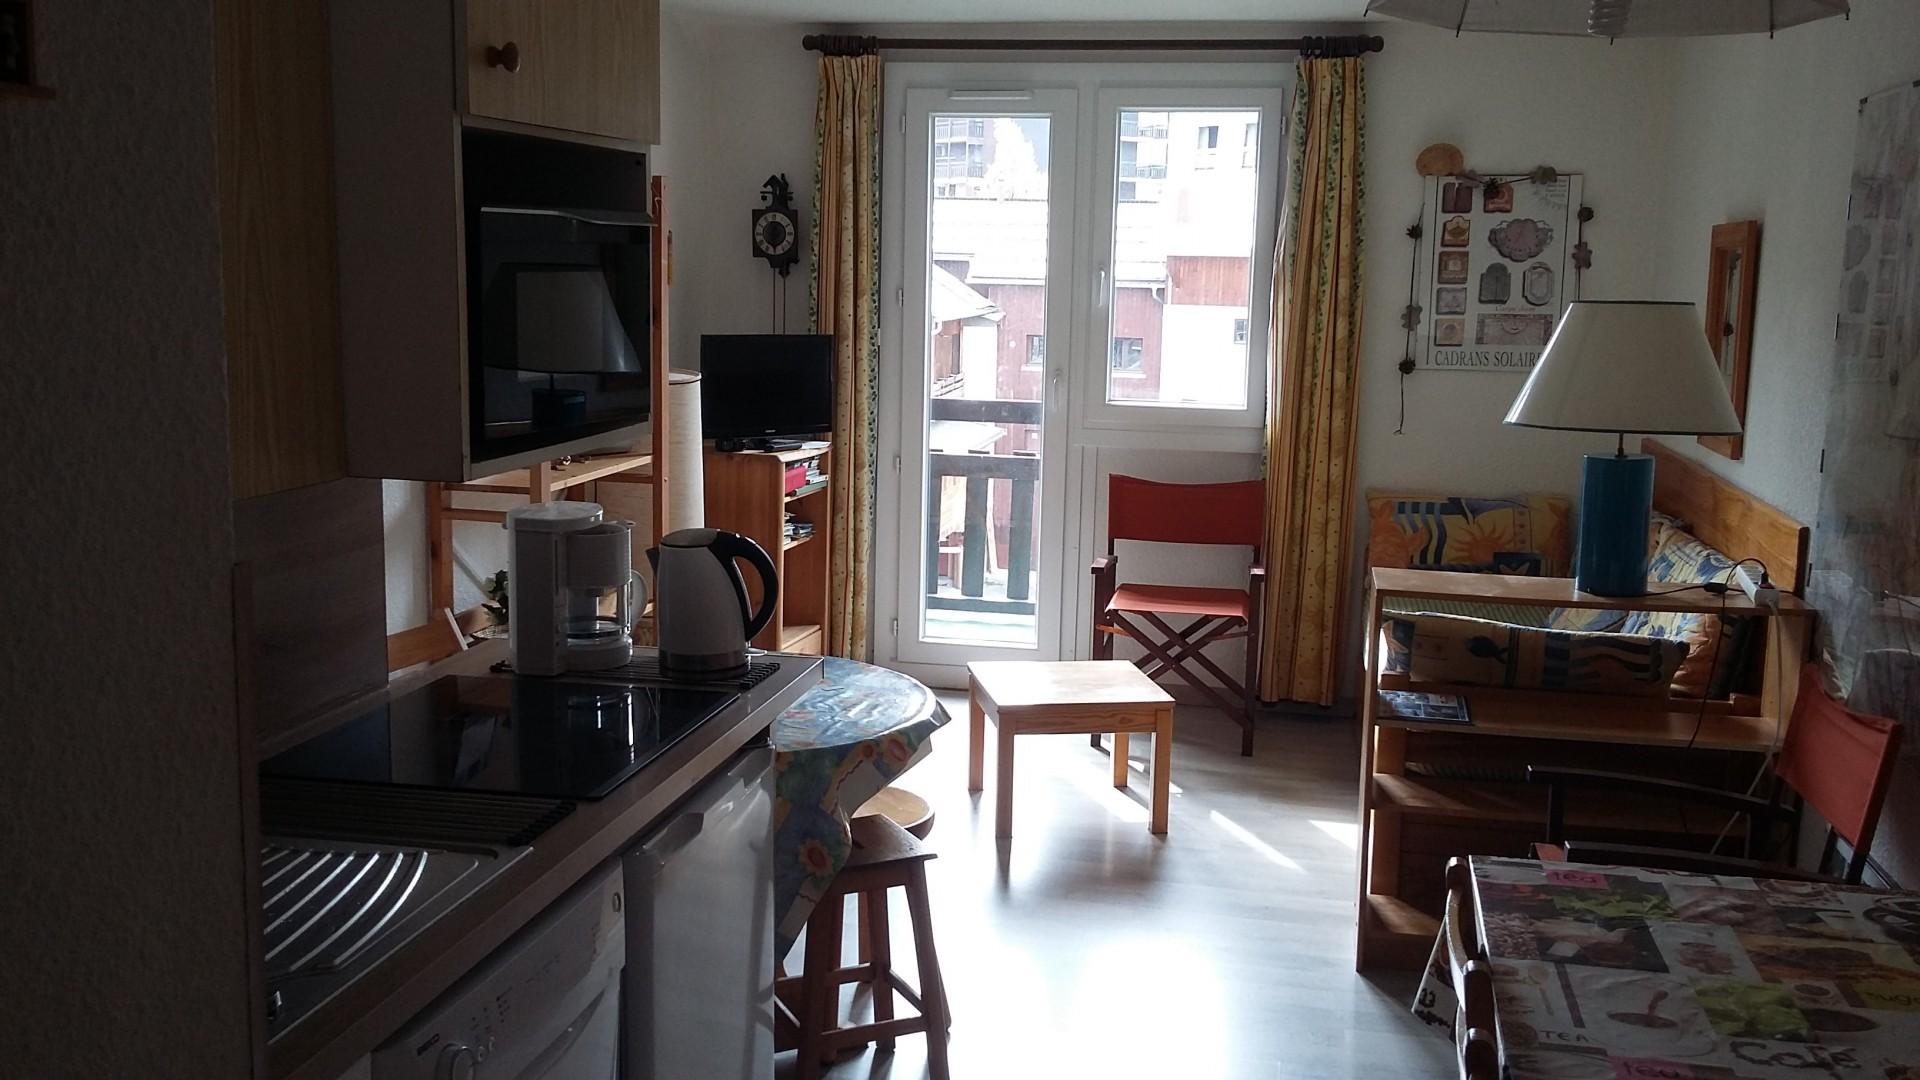 risoul-hebergement-risoul-resa-paulhan-gentianes-cuisine-sejour-12623